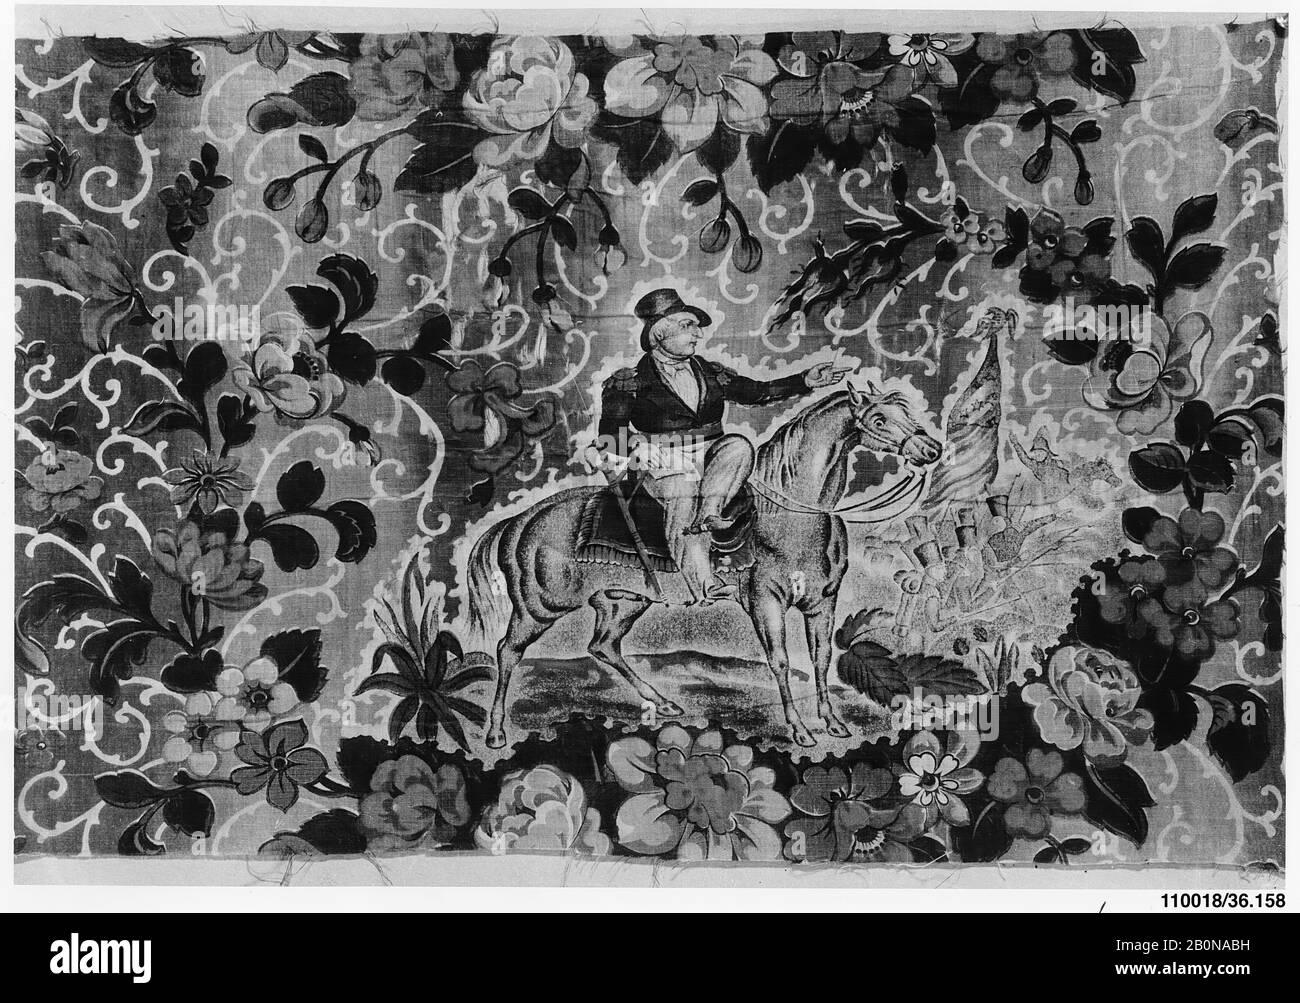 Pièce, américaine, CA. 1846–48, américain, coton, gravé, imprimé à rouleaux, 25 x 16 po. (63,5 x 40,6 cm), textiles Banque D'Images